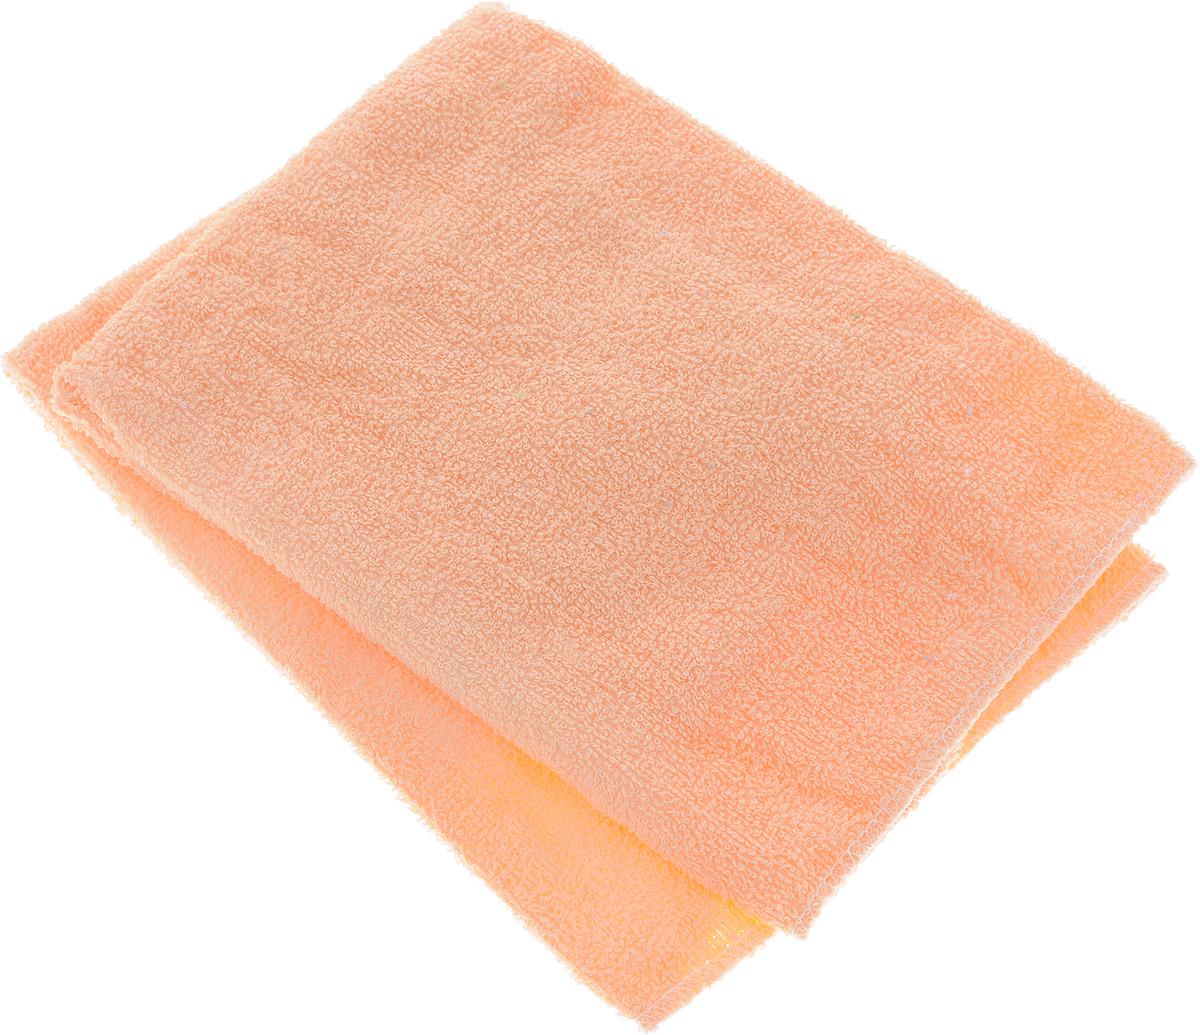 Салфетка автомобильная Главдор, для мойки и полировки, цвет: персиковый, 39 х см, 2 шт